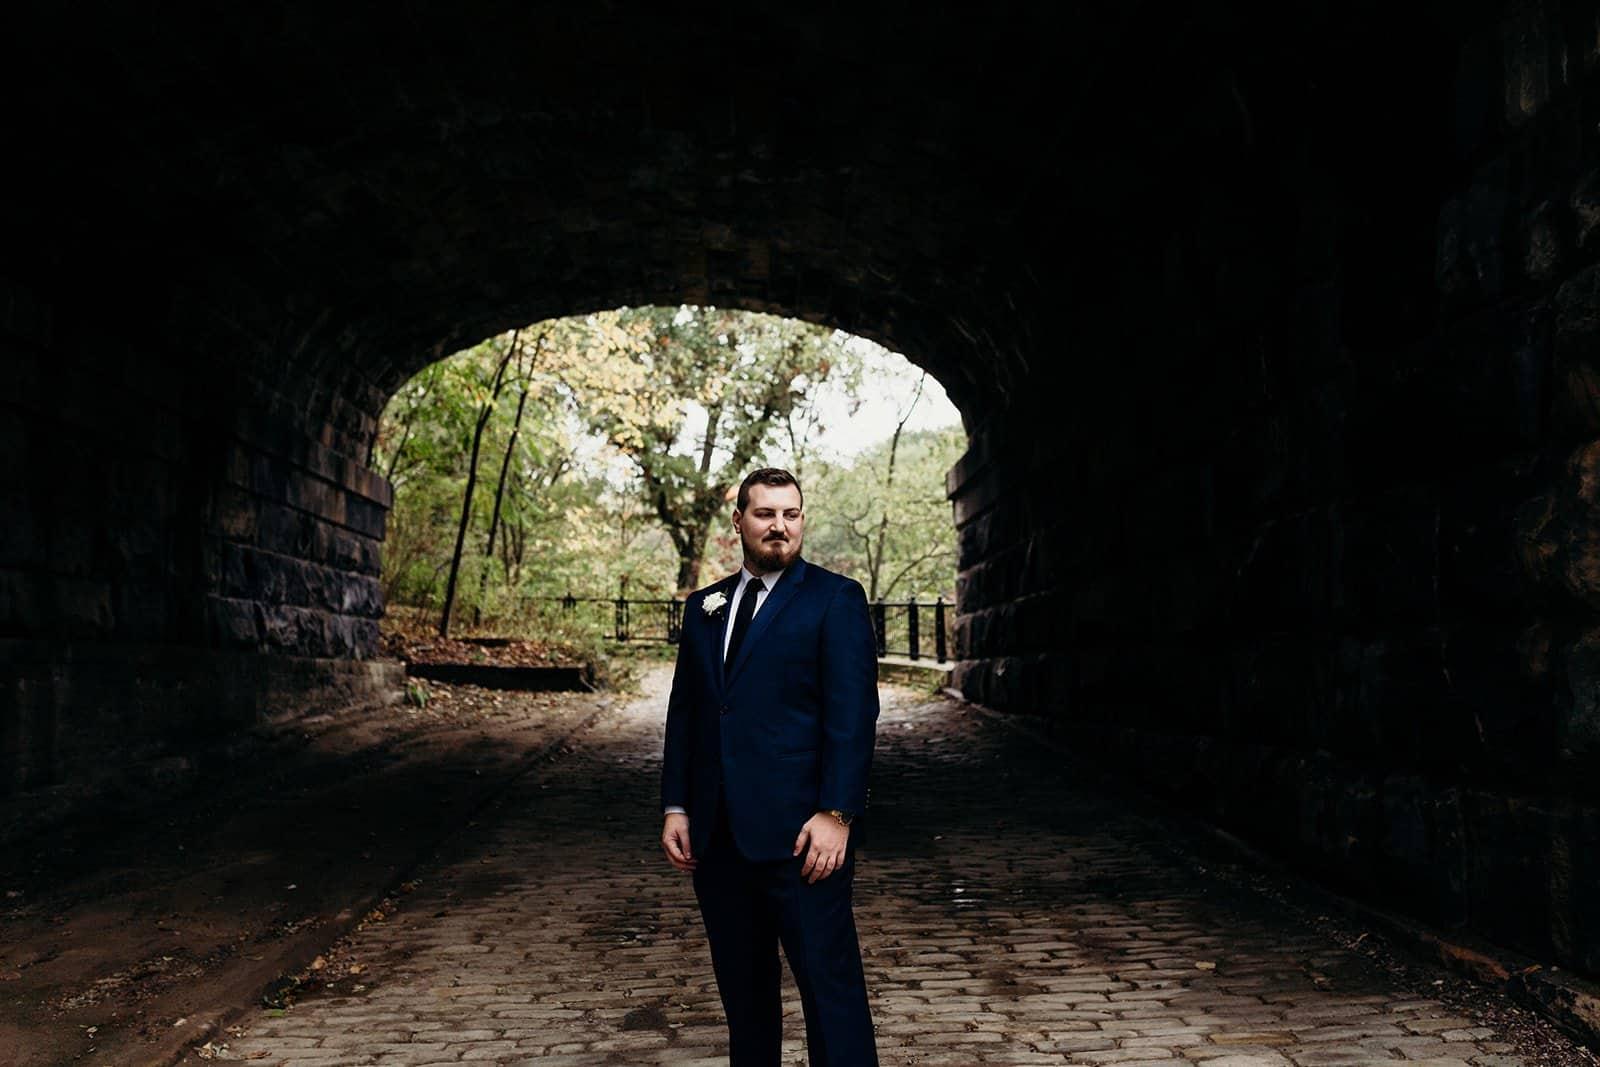 groom stands alone under dark bridge